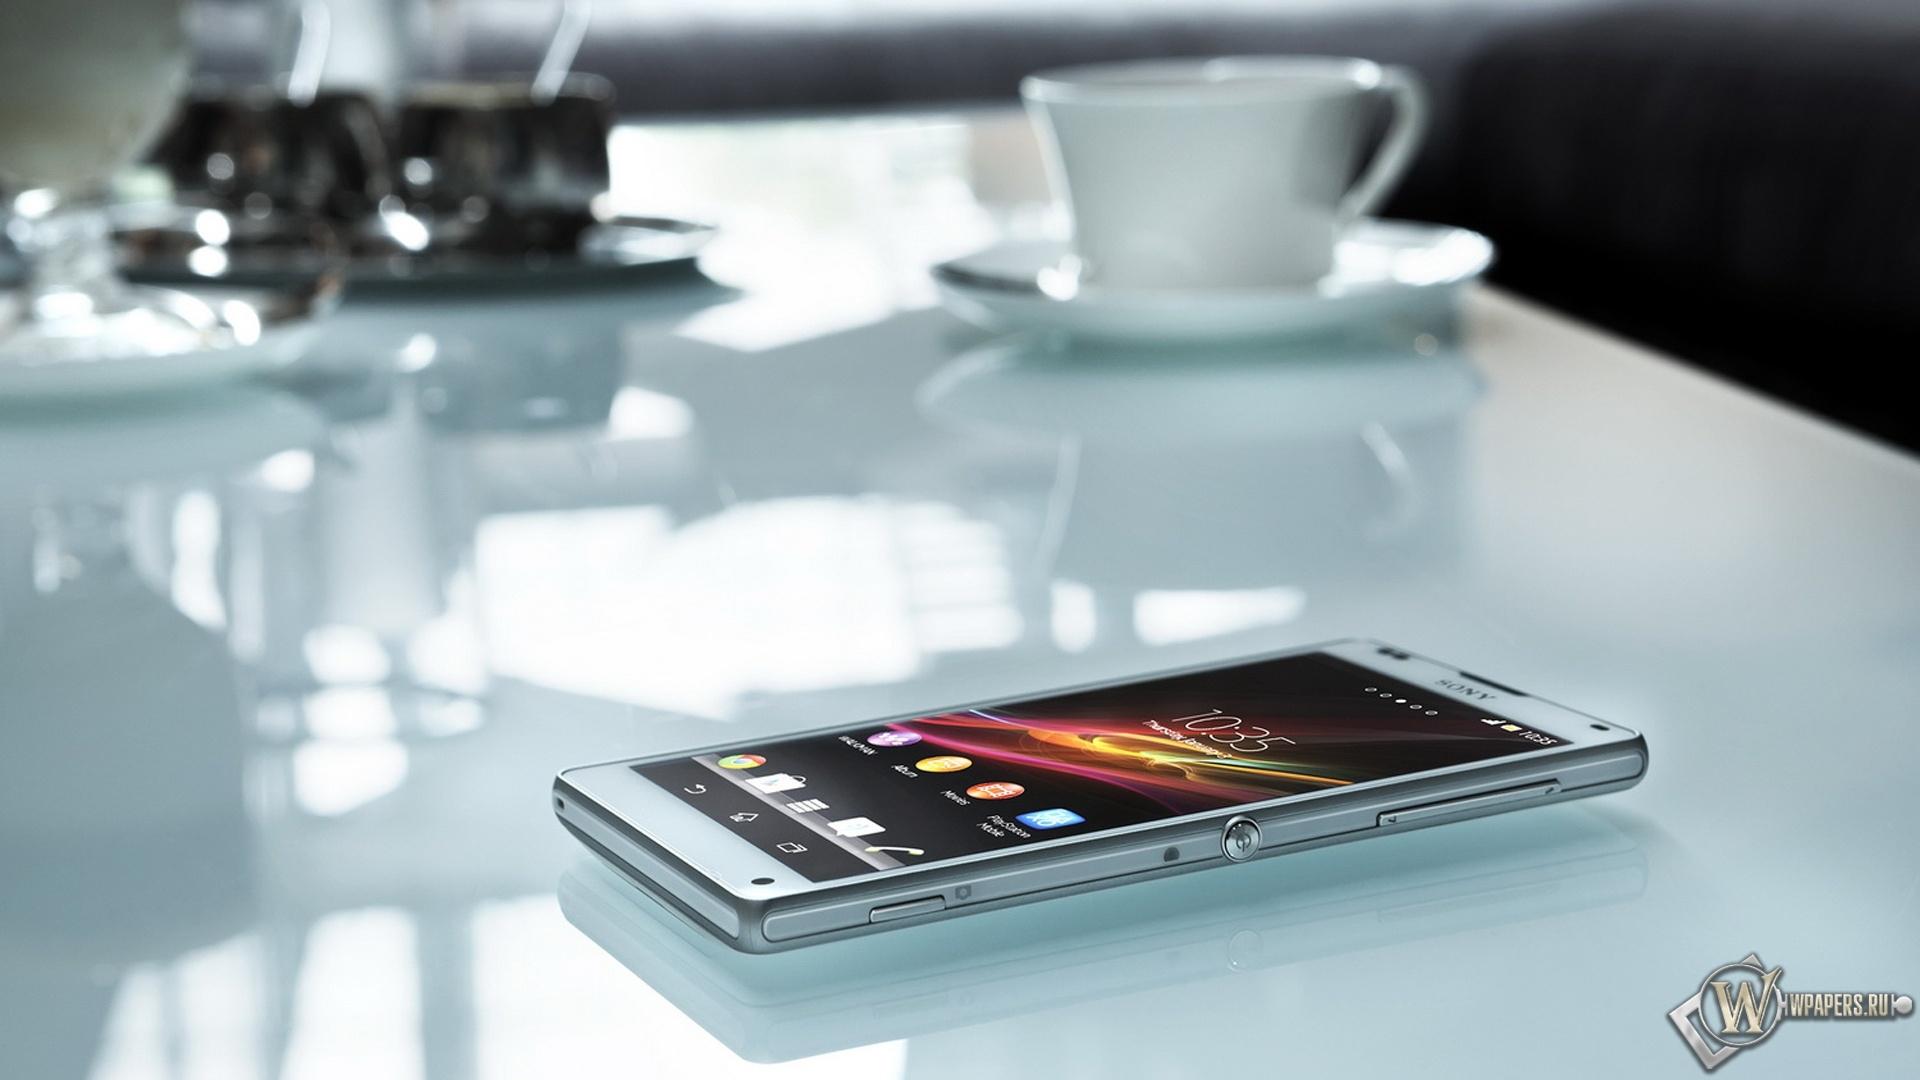 Sony xperia zl sony смартфон 1920x1080 картинки